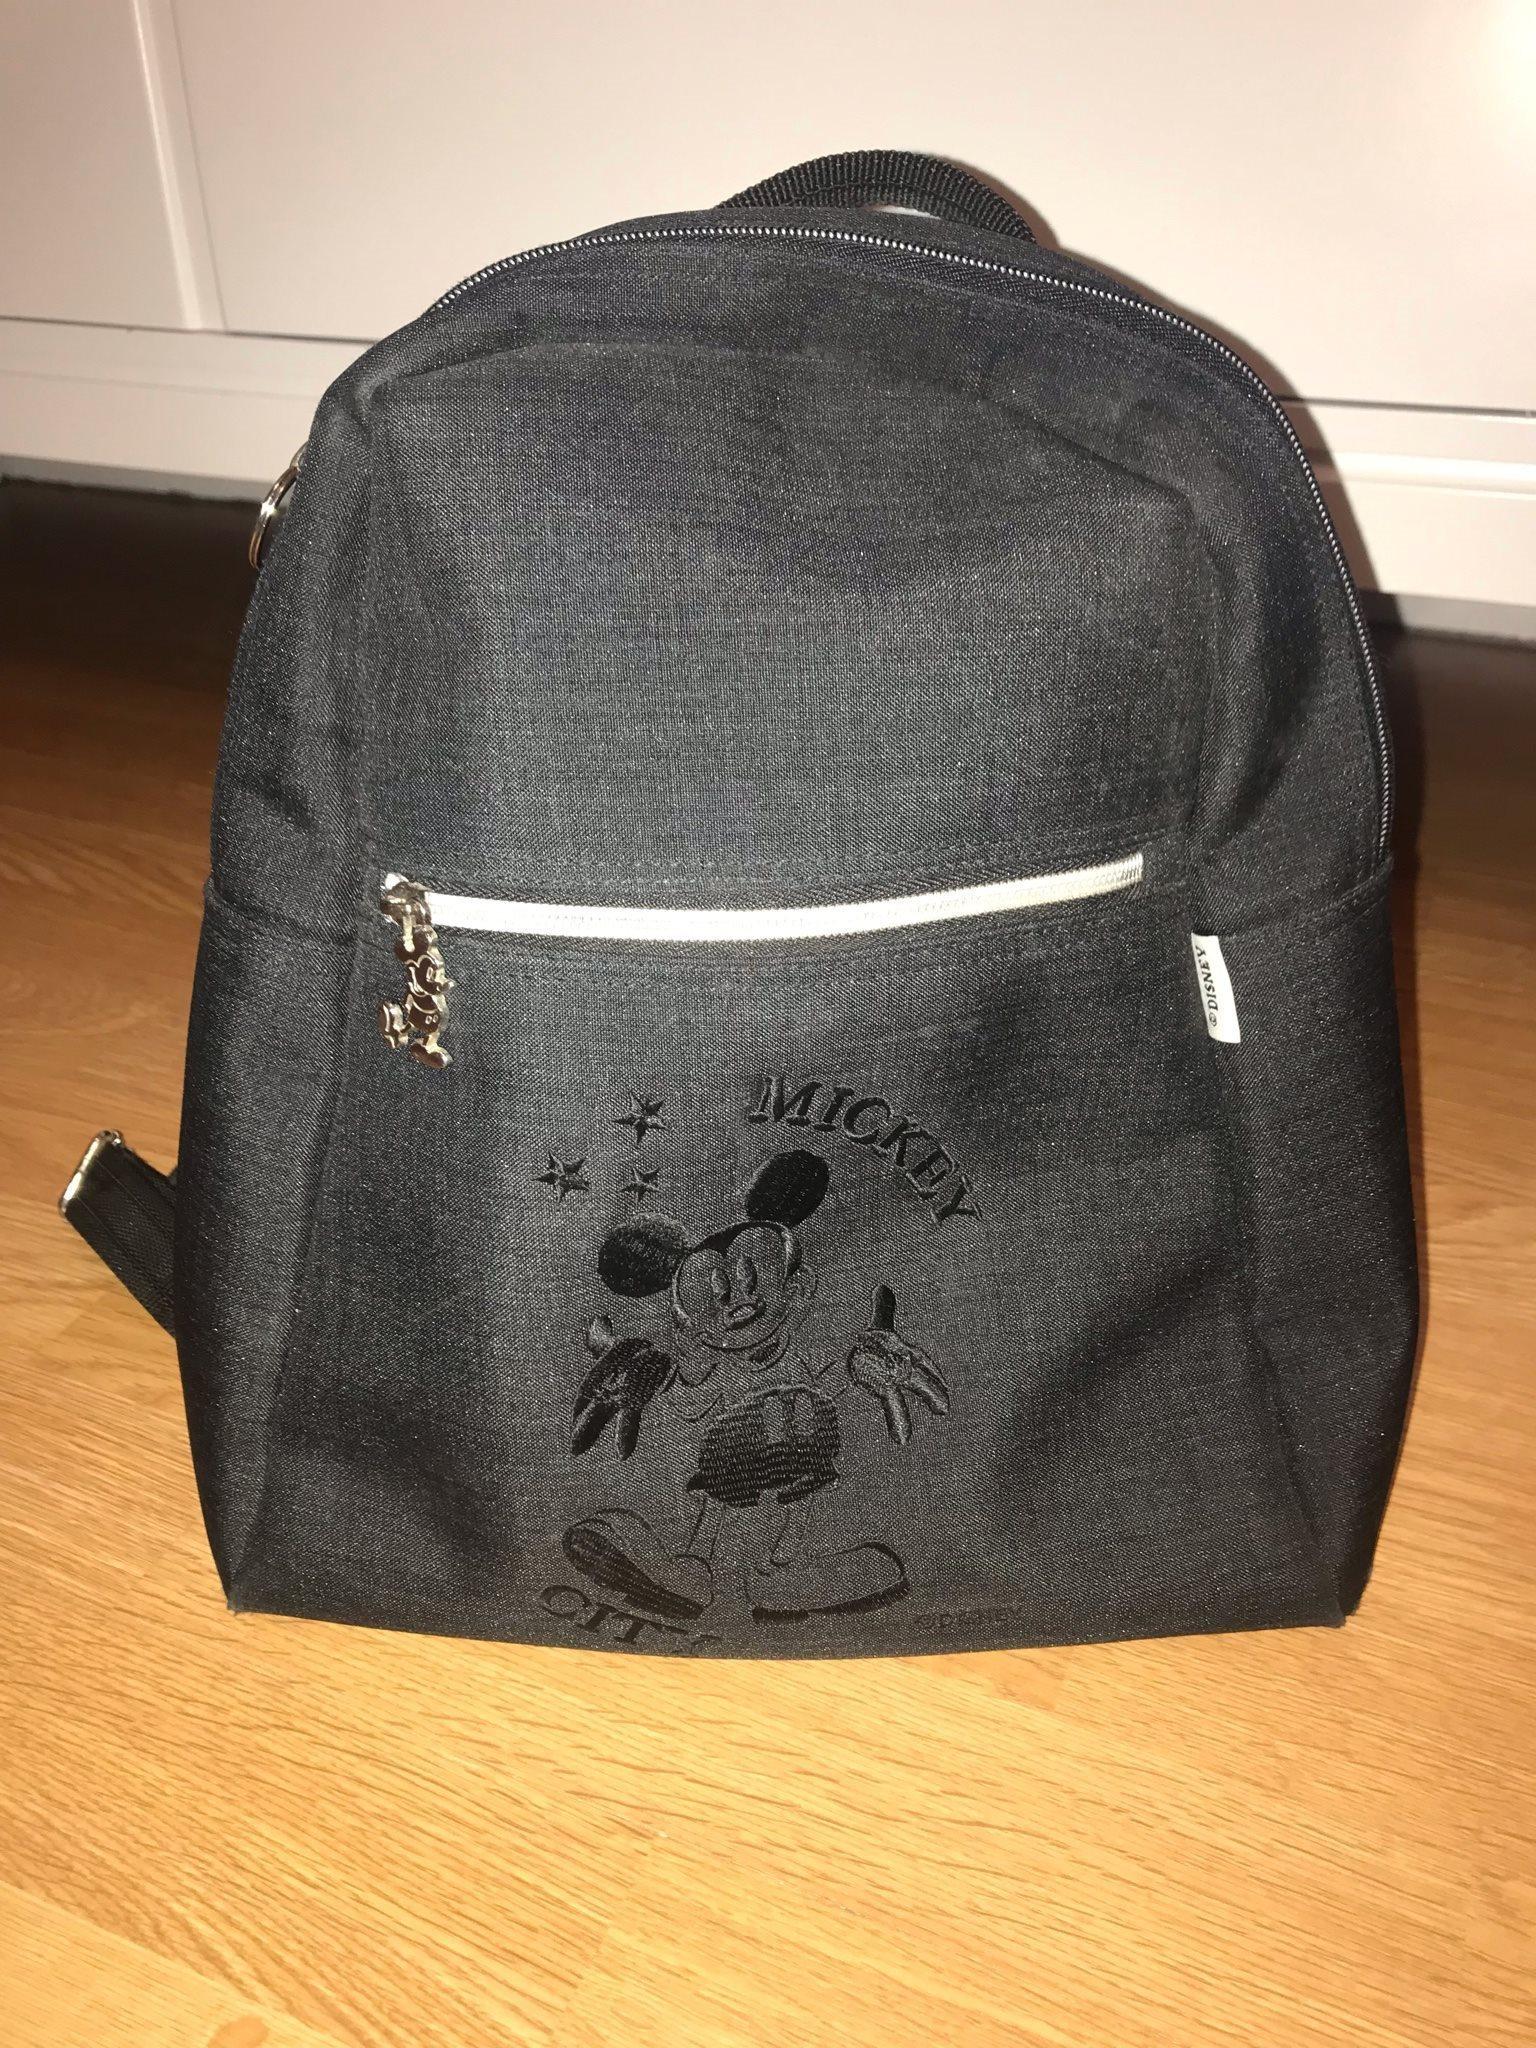 Unik Disney - Mickey Mouse ryggsäck (333603271) ᐈ Köp på Tradera 5a3030887abb7